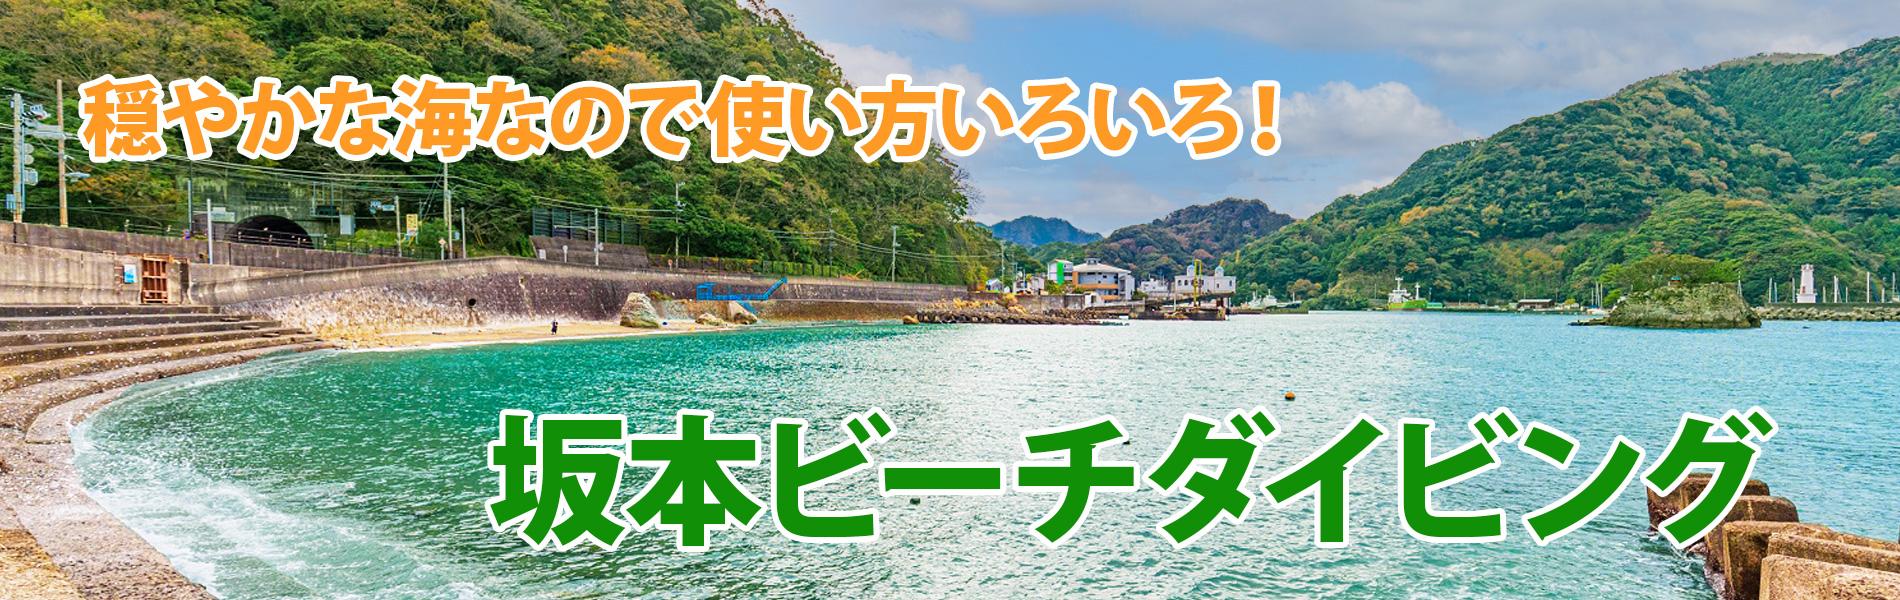 安良里潜水サービス 坂本ビーチ